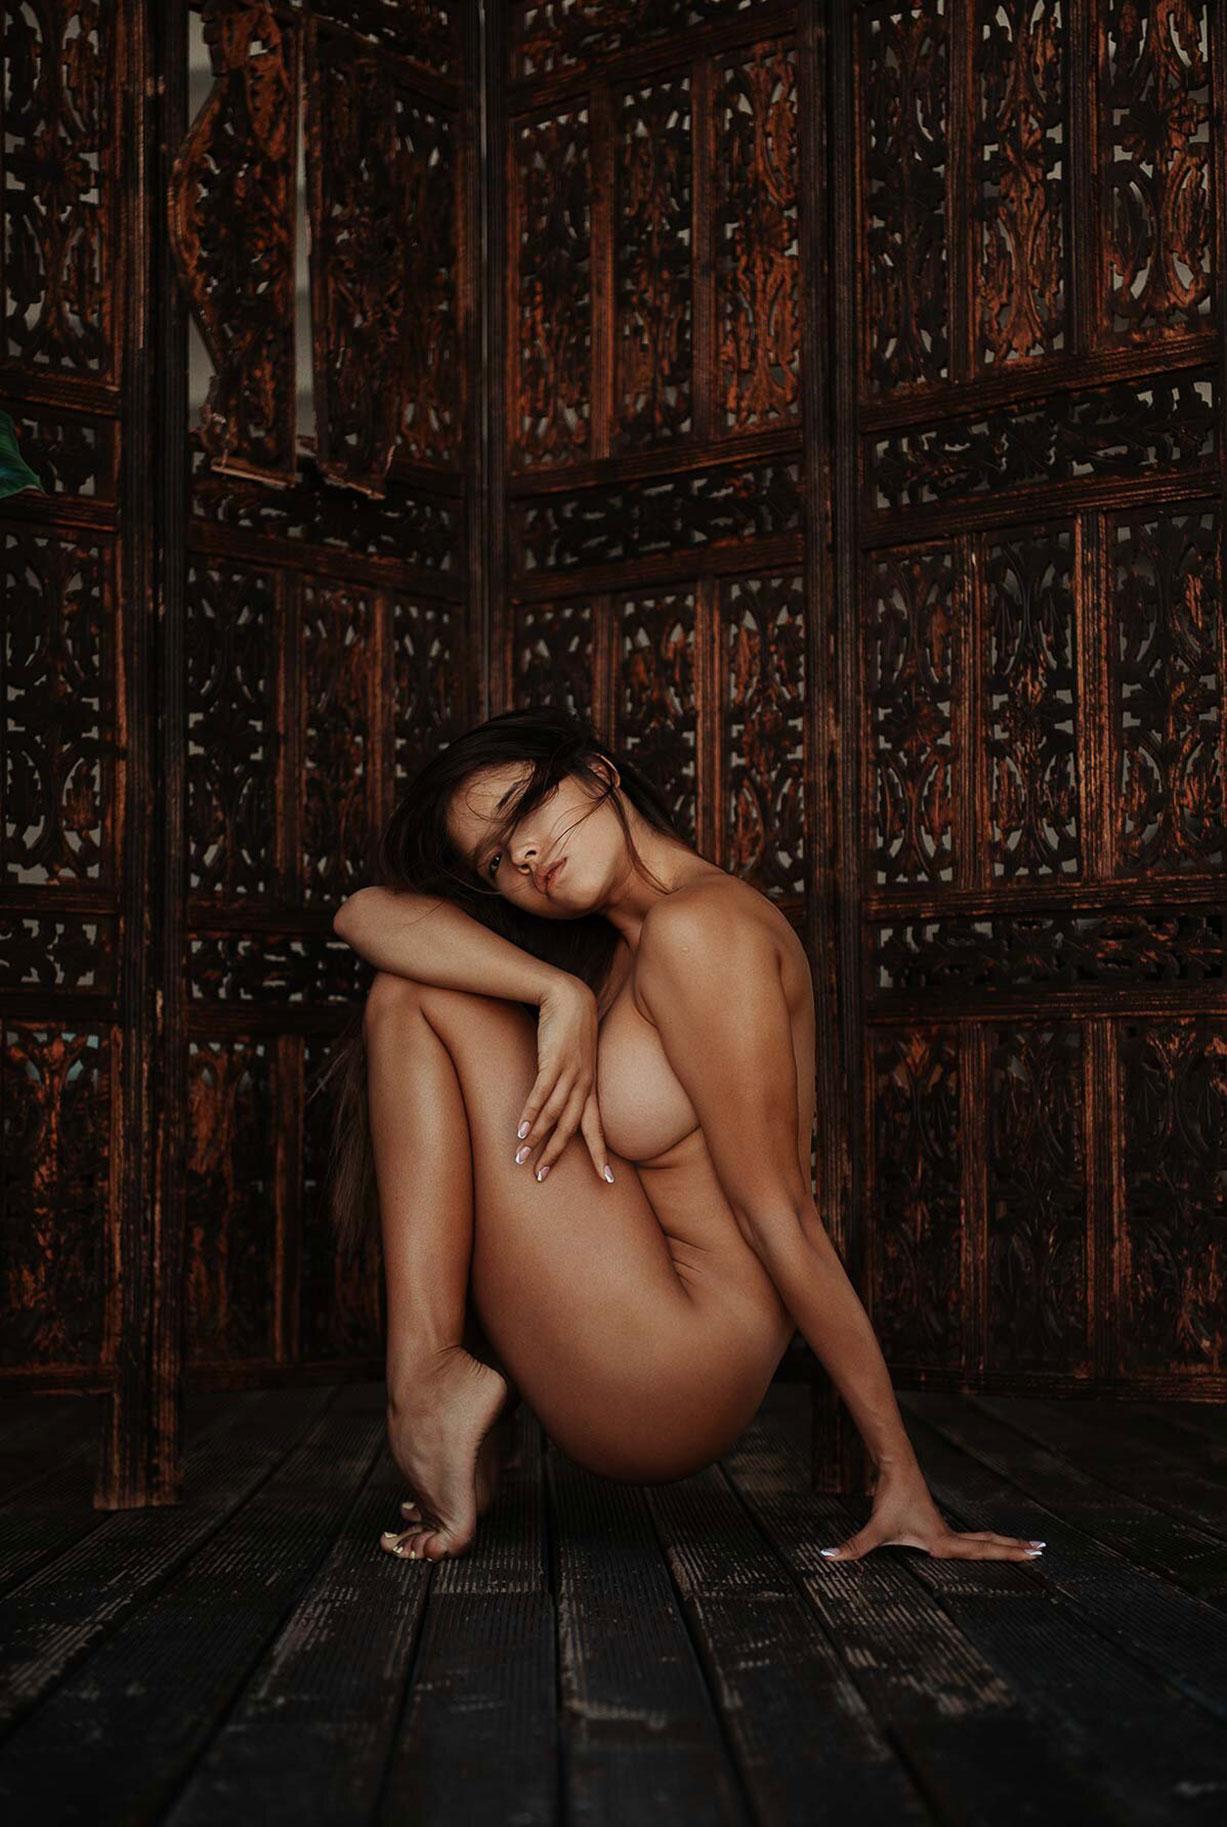 Yoana Nikolova - Nikolay Ivanov photoshoot